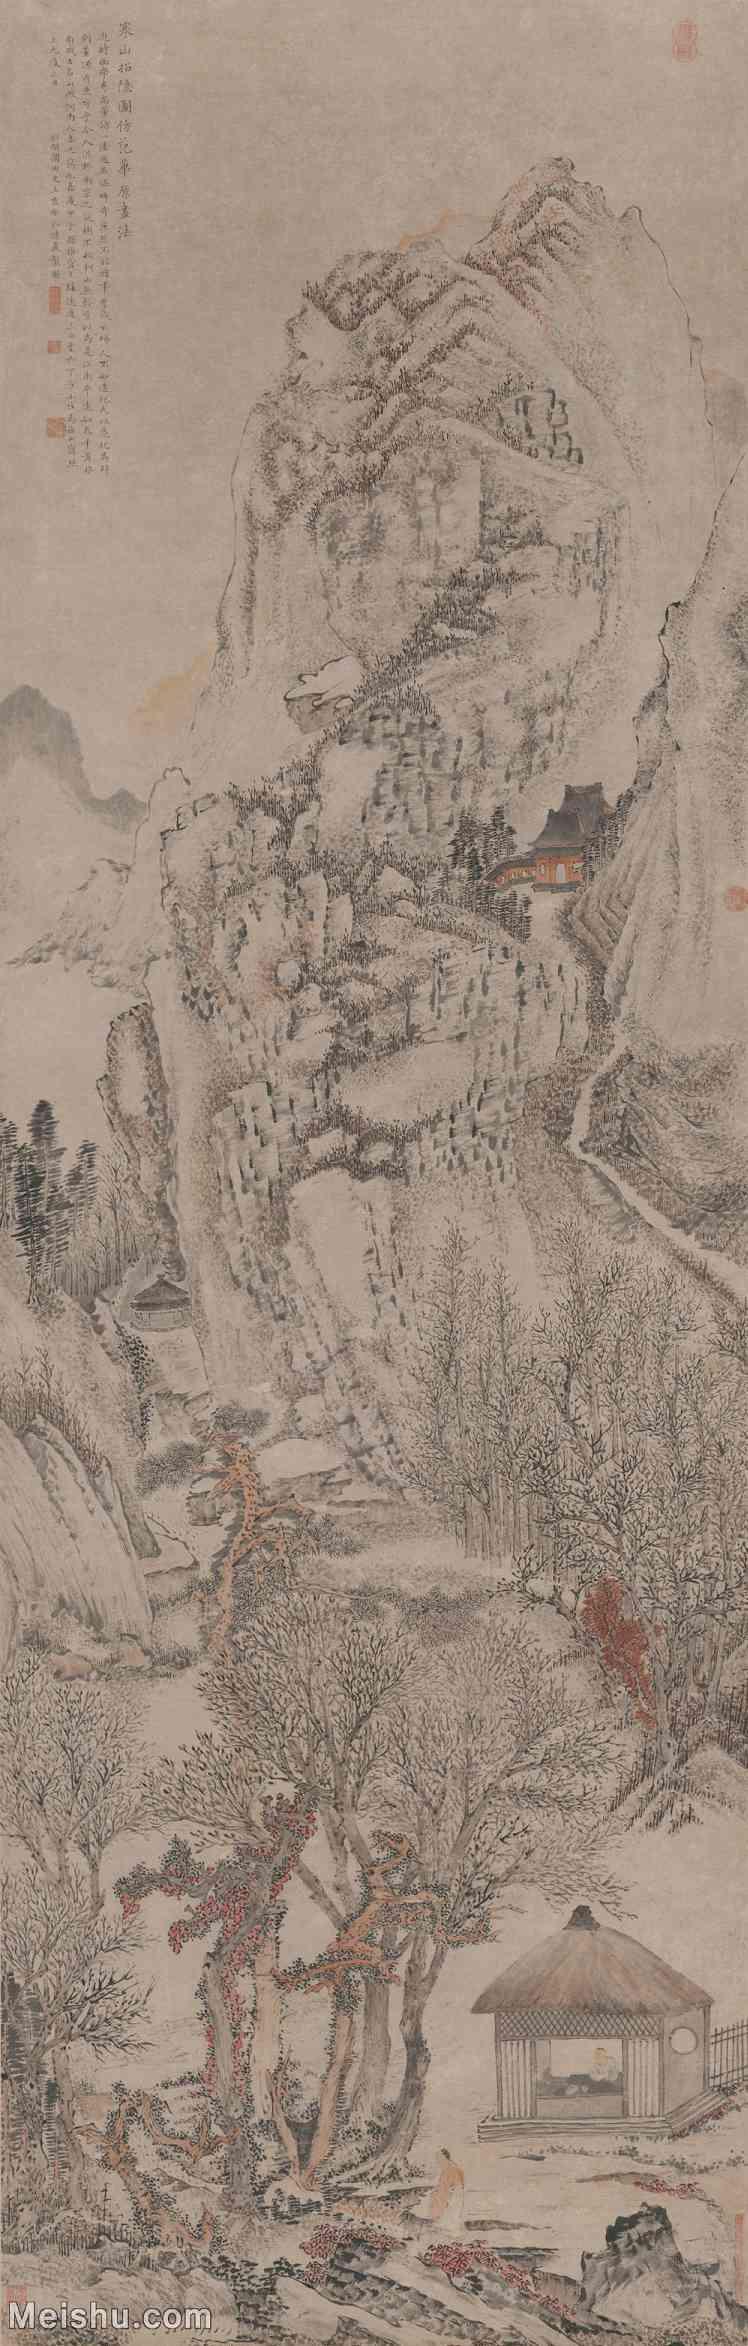 【超顶级】GH6088359古画山水风景寒山招隐图-清-金礼嬴-纸本-30x94-80x250.5-山径山路立轴图片-4